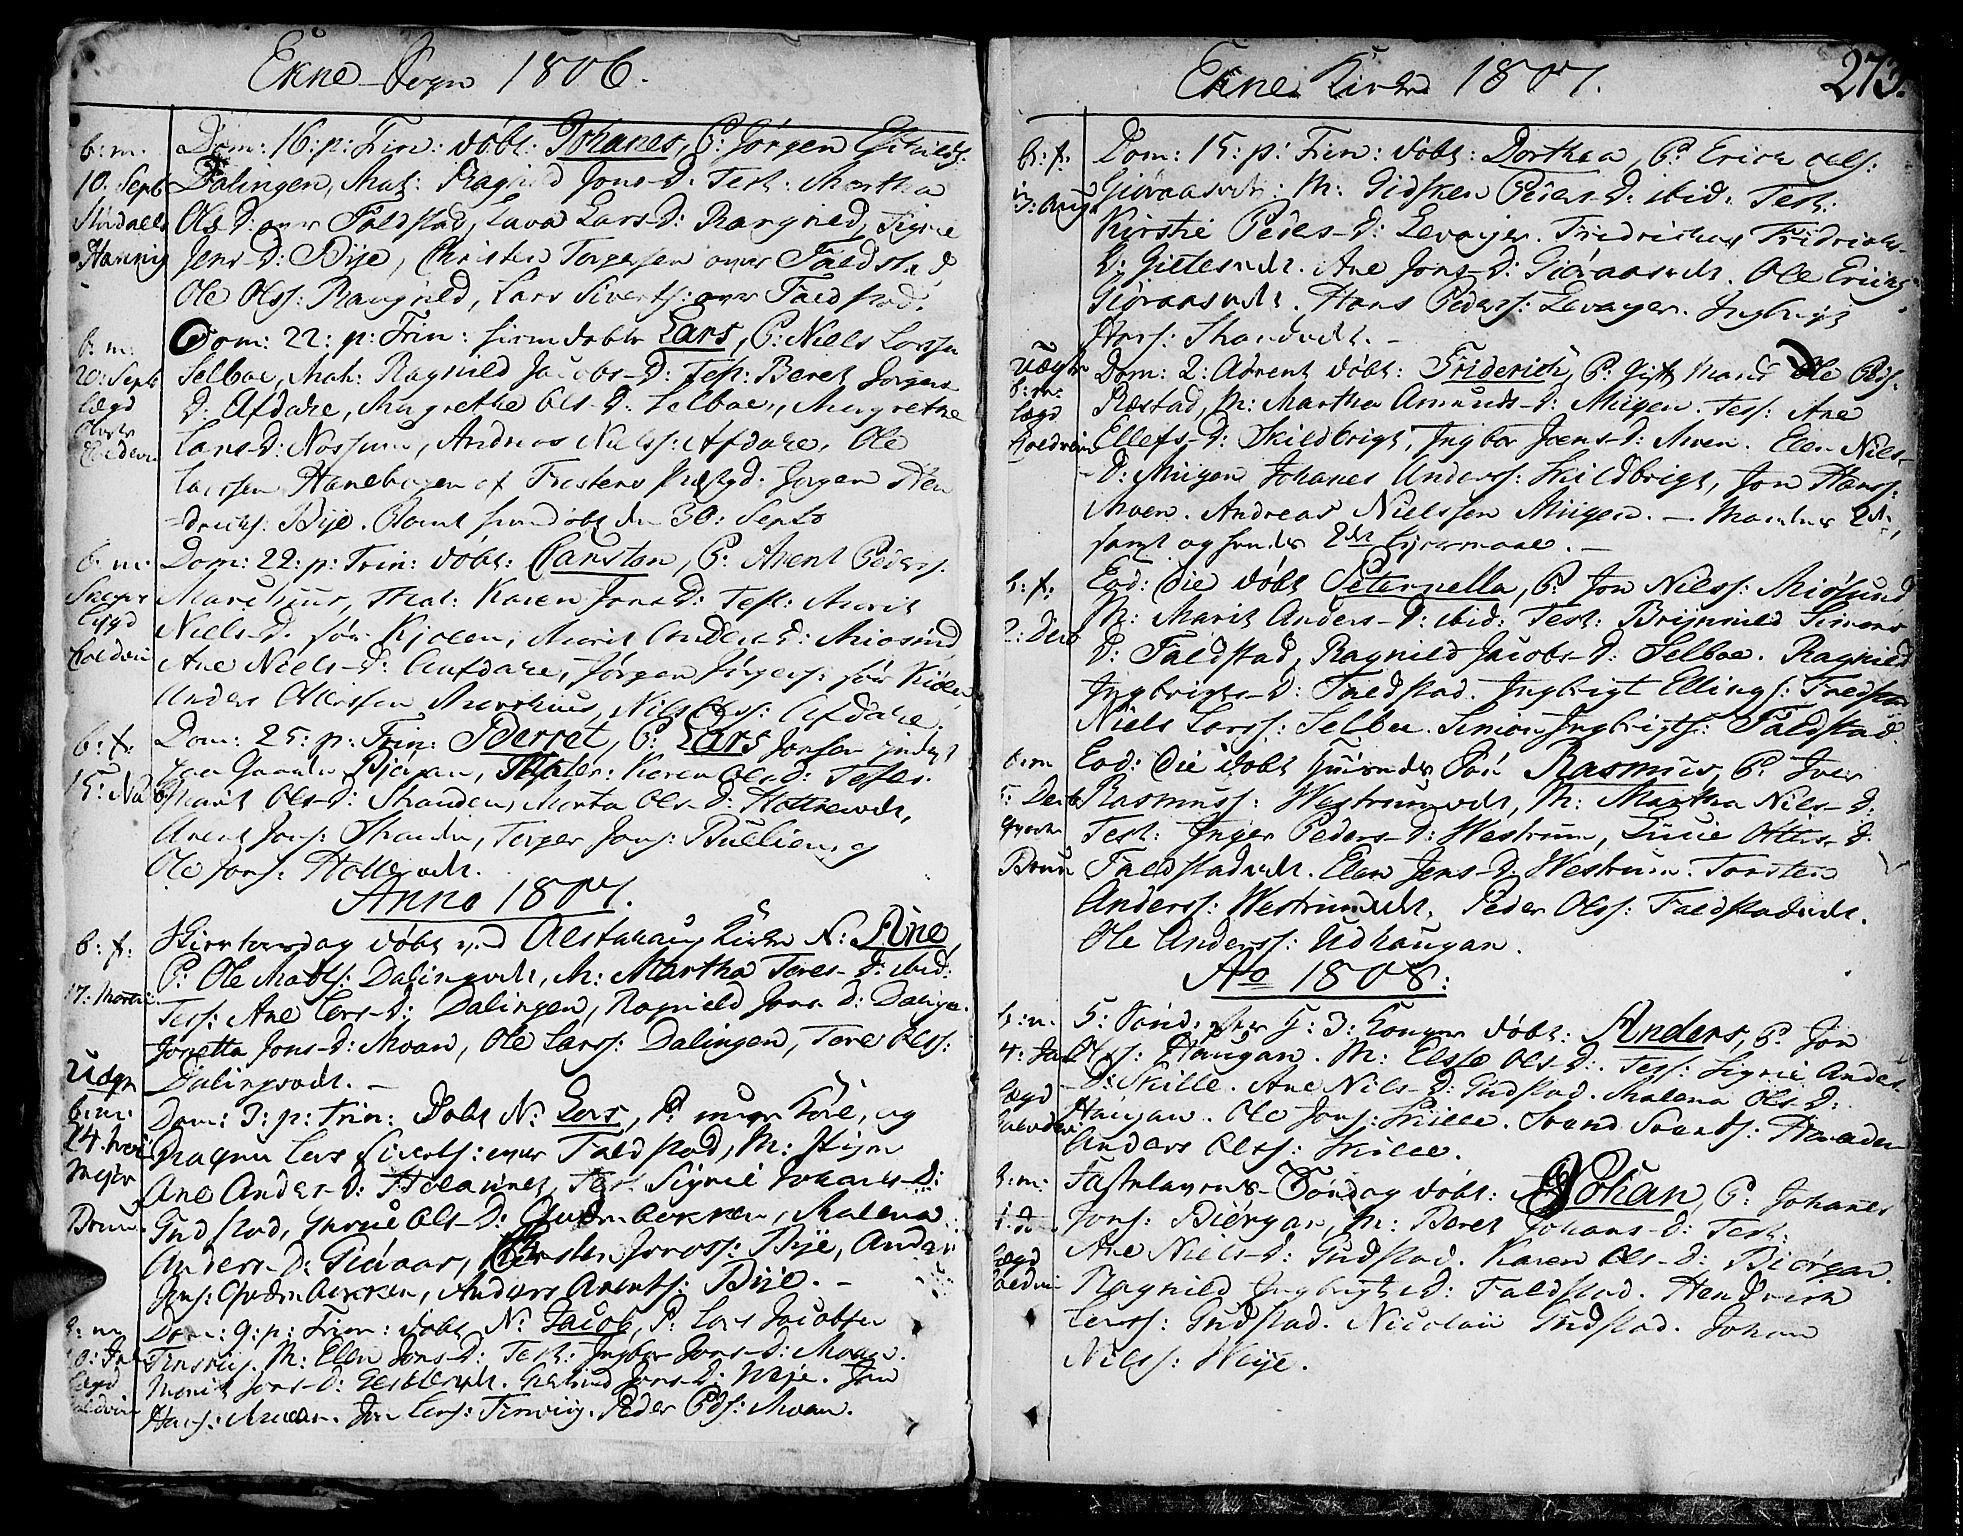 SAT, Ministerialprotokoller, klokkerbøker og fødselsregistre - Nord-Trøndelag, 717/L0143: Ministerialbok nr. 717A02 /2, 1806-1809, s. 273